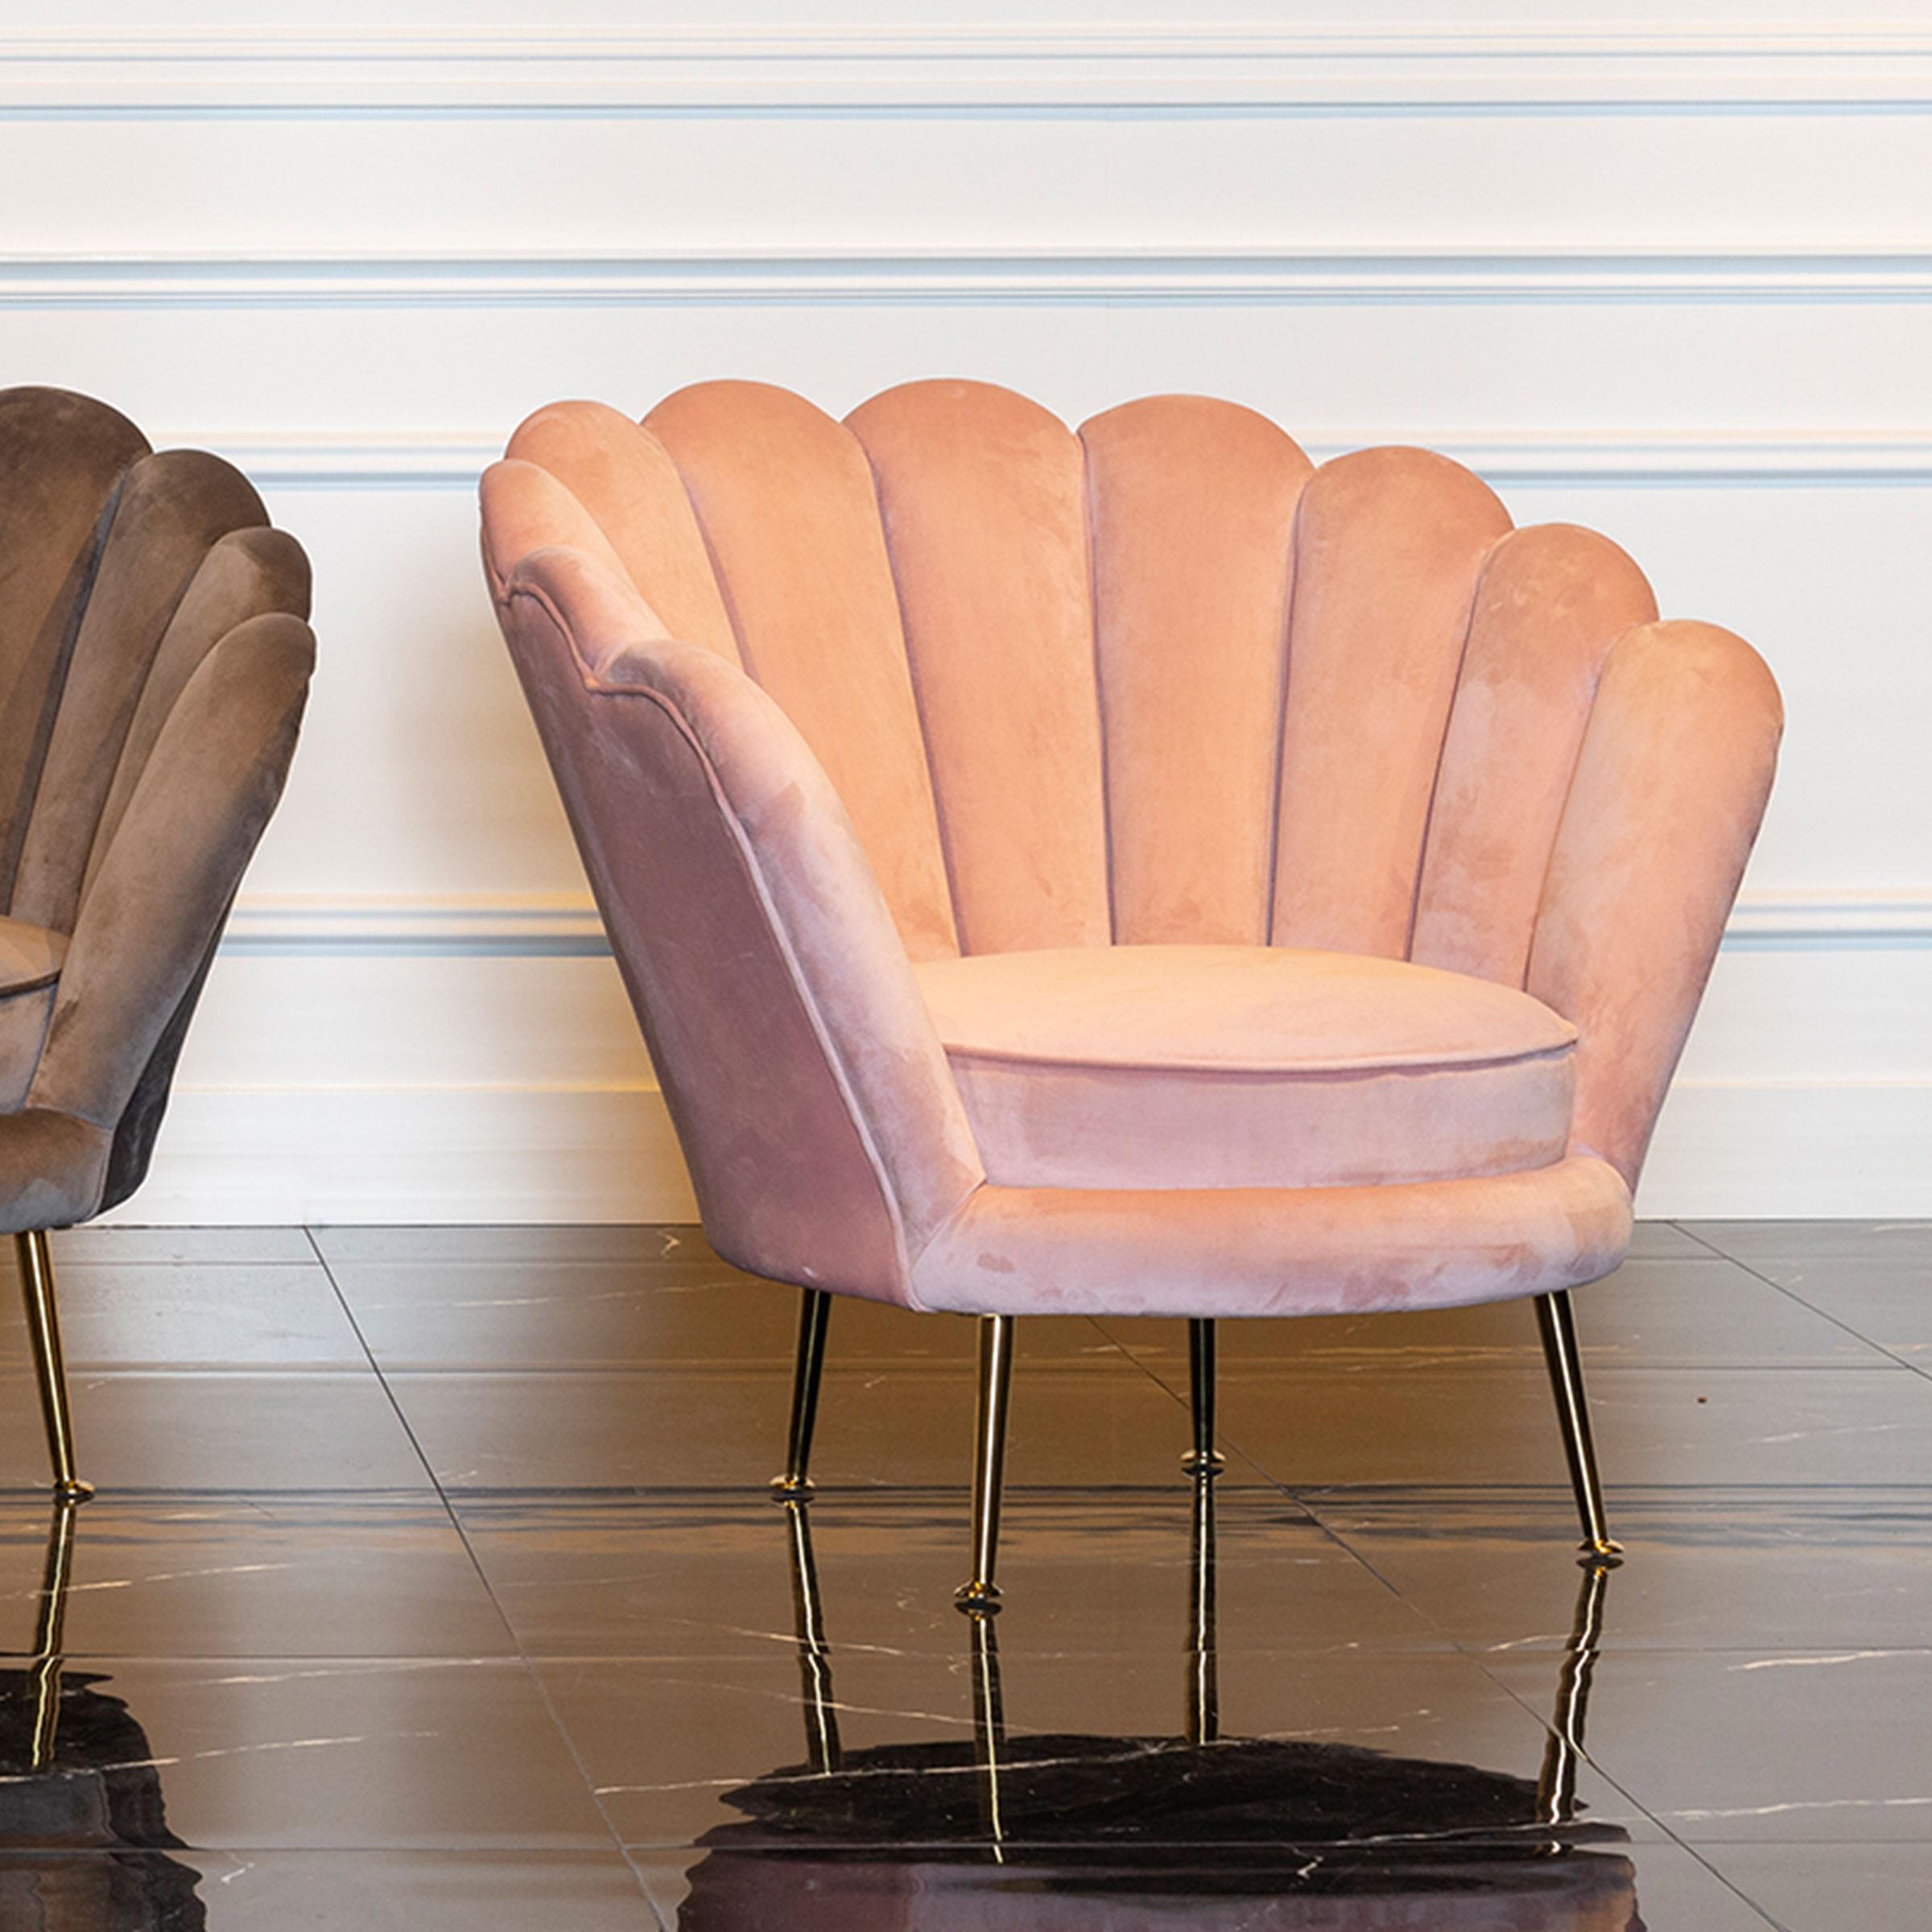 Richmond Fauteuil 'Perla' Velvet, kleur Roze